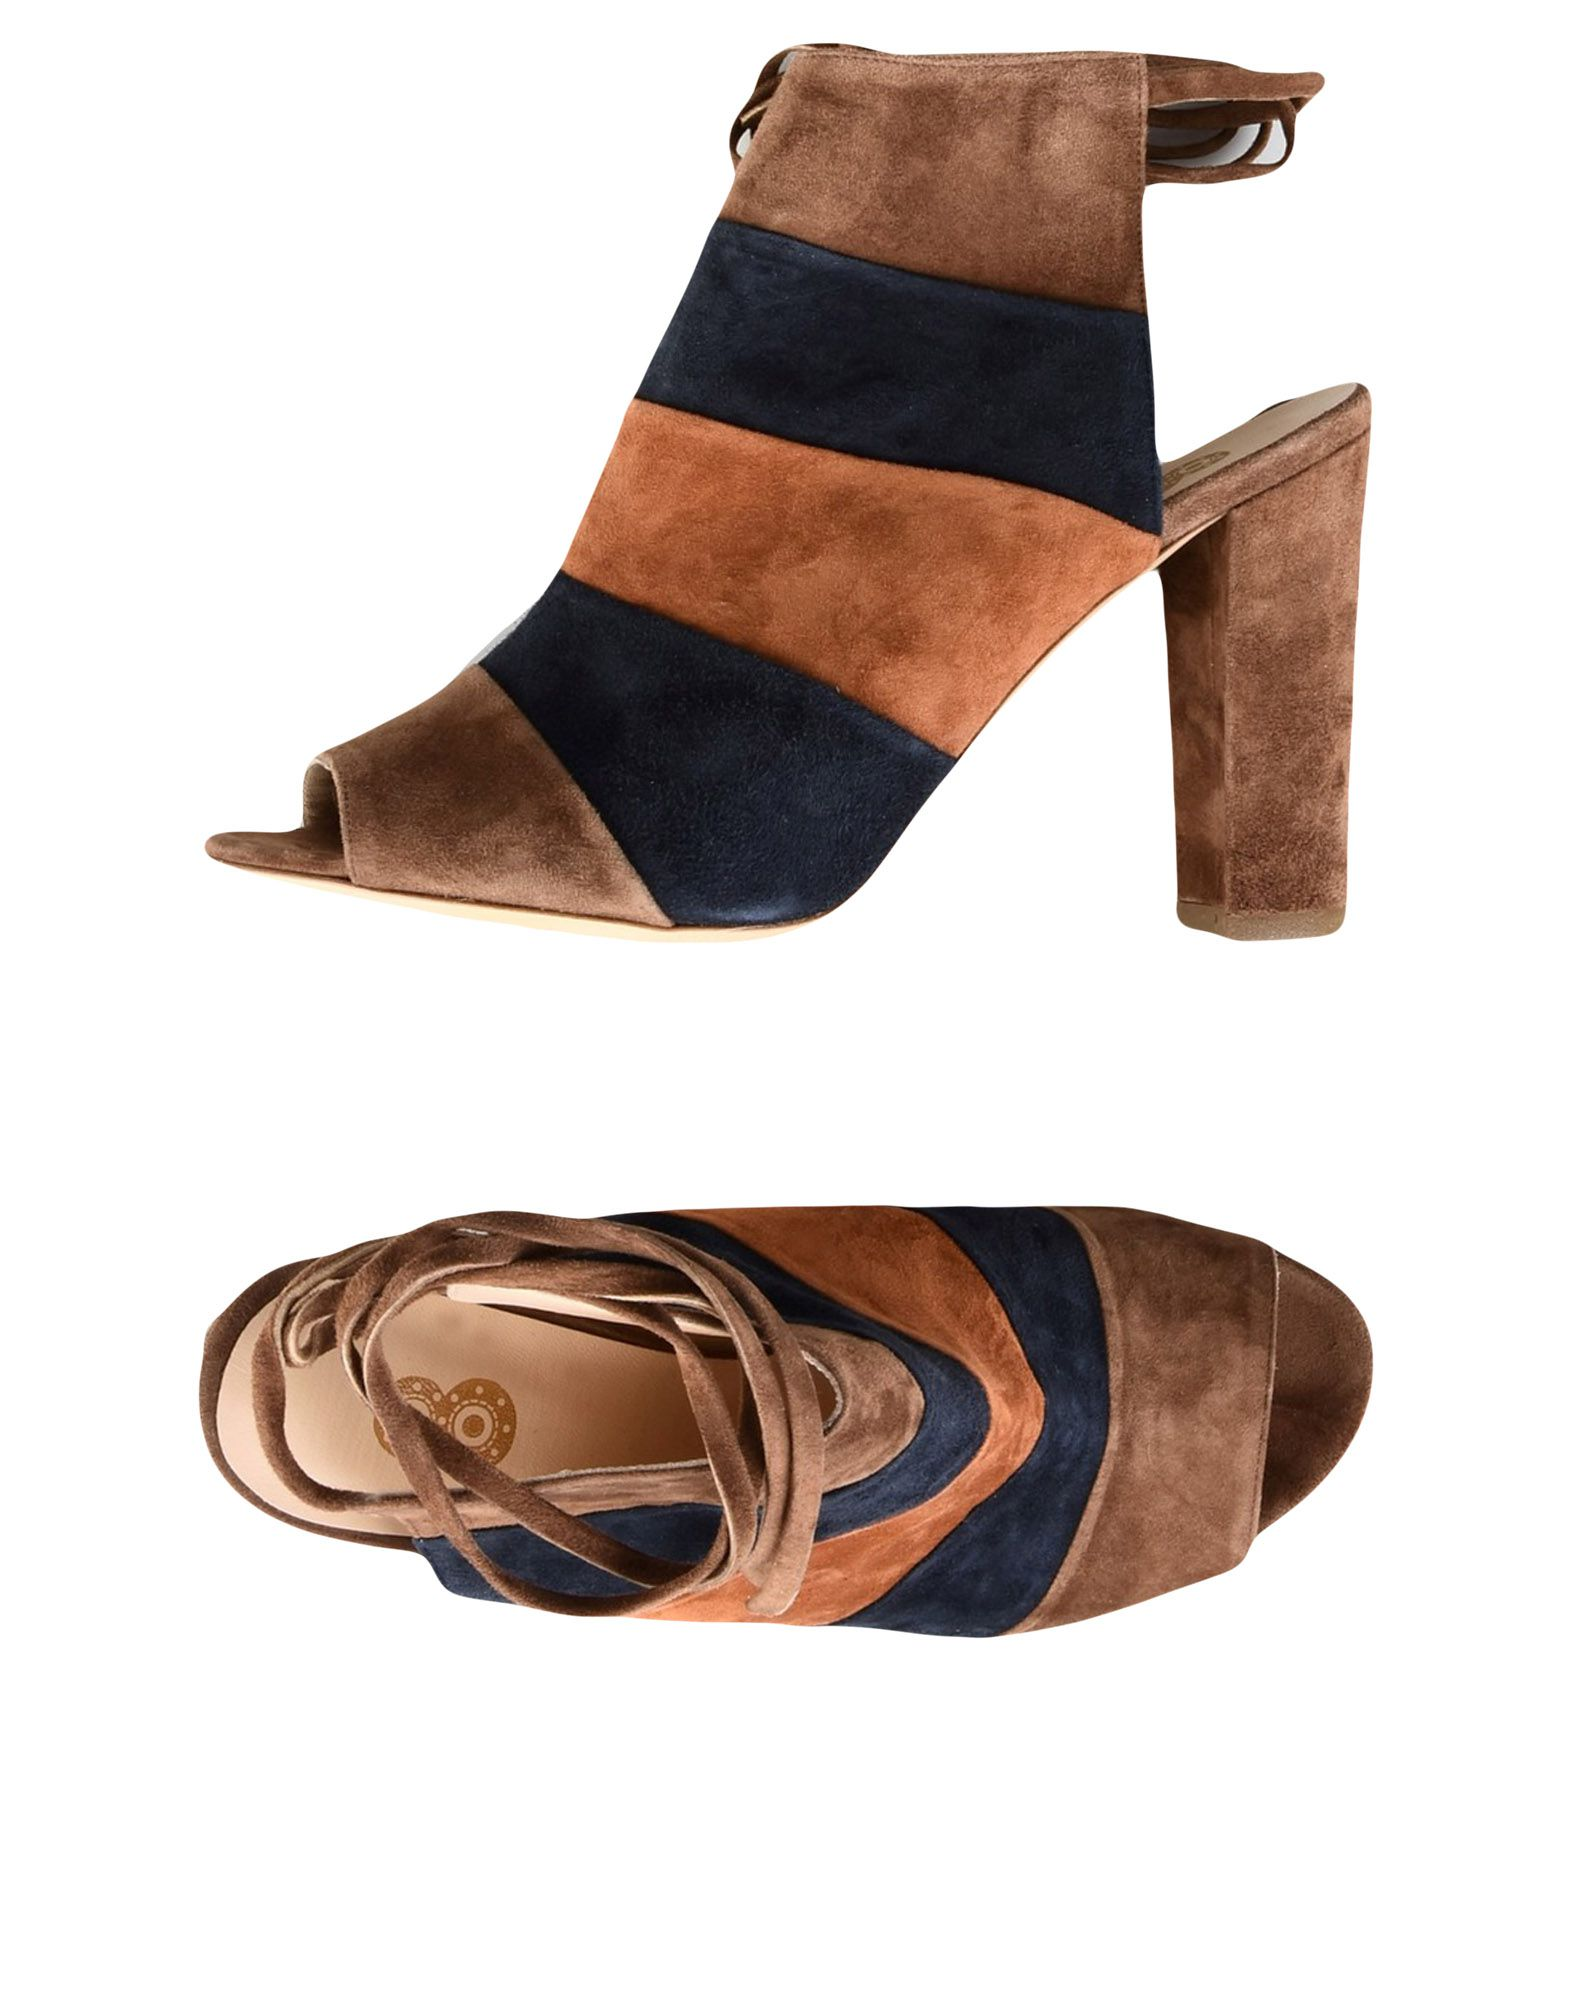 8 Sandalen Damen  11215460HV Gute Qualität beliebte Schuhe